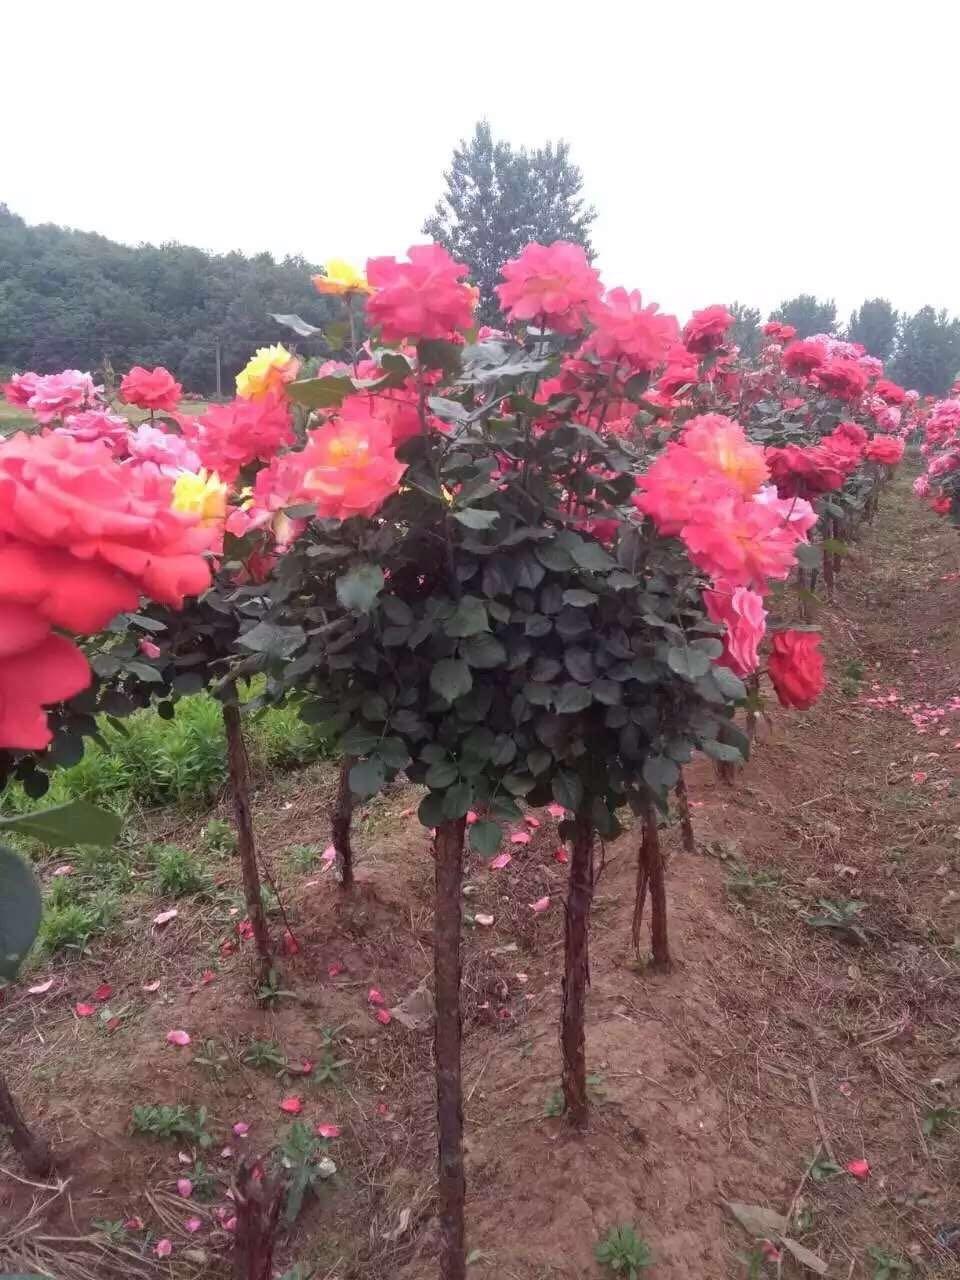 月季花树桩月季藤本月季微型月季大花月季自产自销源产地